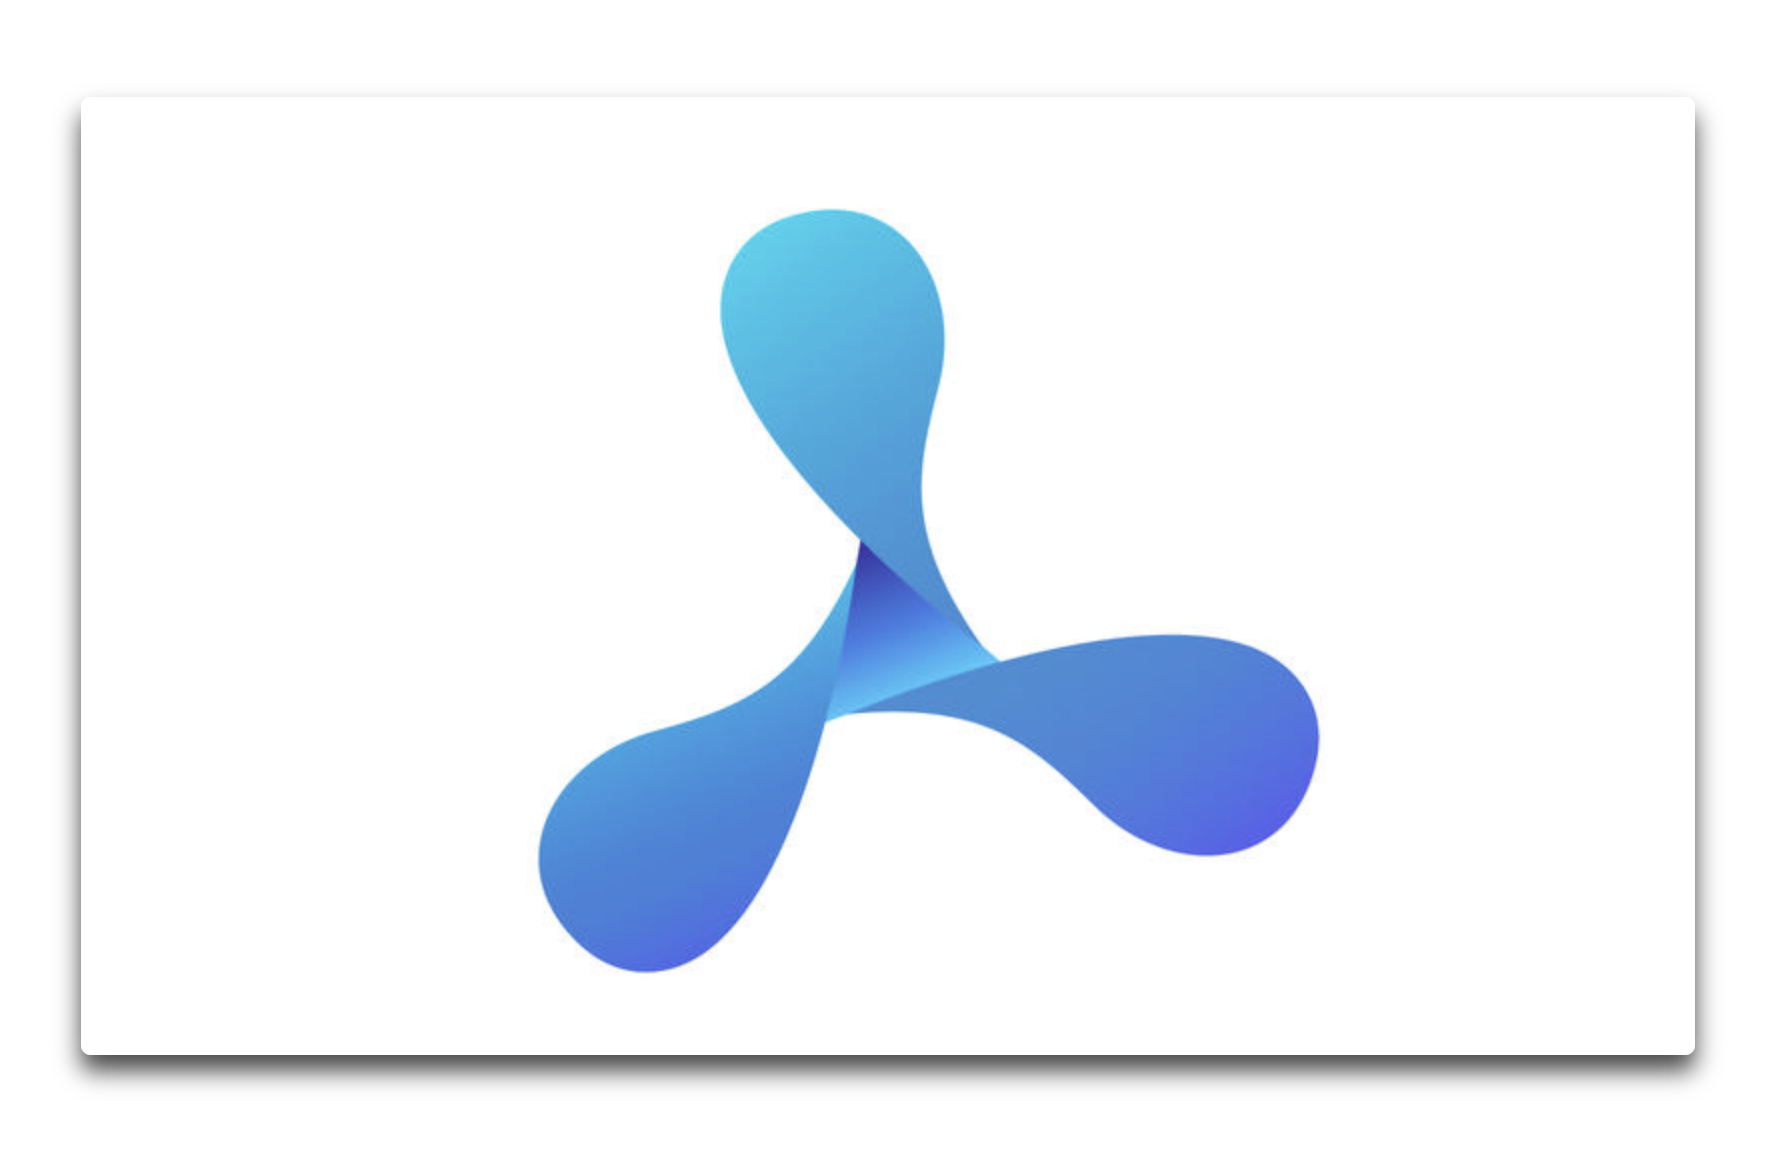 【iOS】ユーザーエクスペリエンスが向上した無料の「PDF Viewer 2.3」がリリース